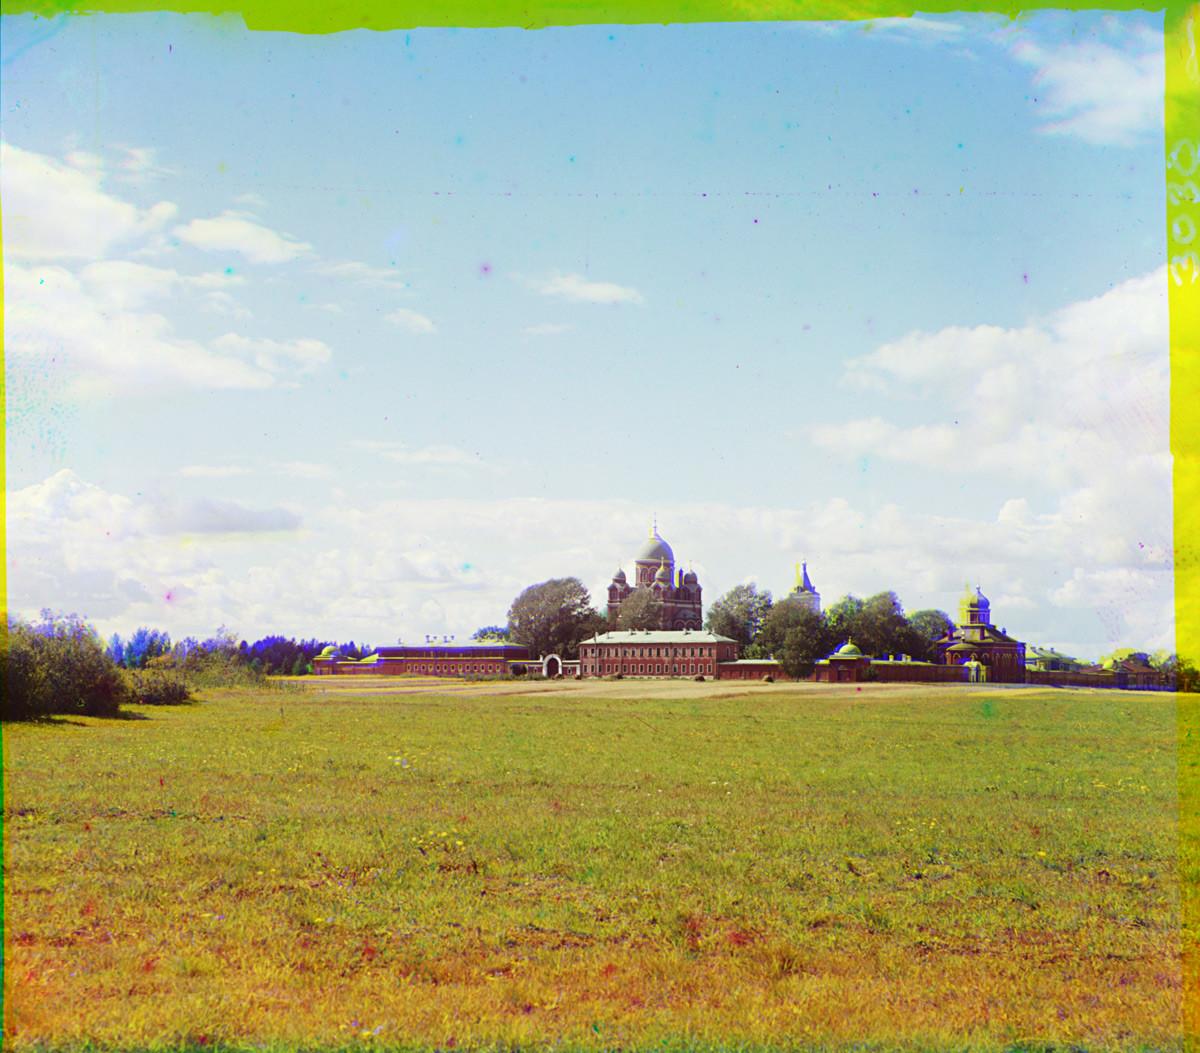 救世主ボロジノ修道院、北東の隅。左から、ウラジーミルの聖母イコン修道院および大聖堂、前駆授洗イオアン(洗礼者ヨハネ)斬首記念教会。1911年夏。